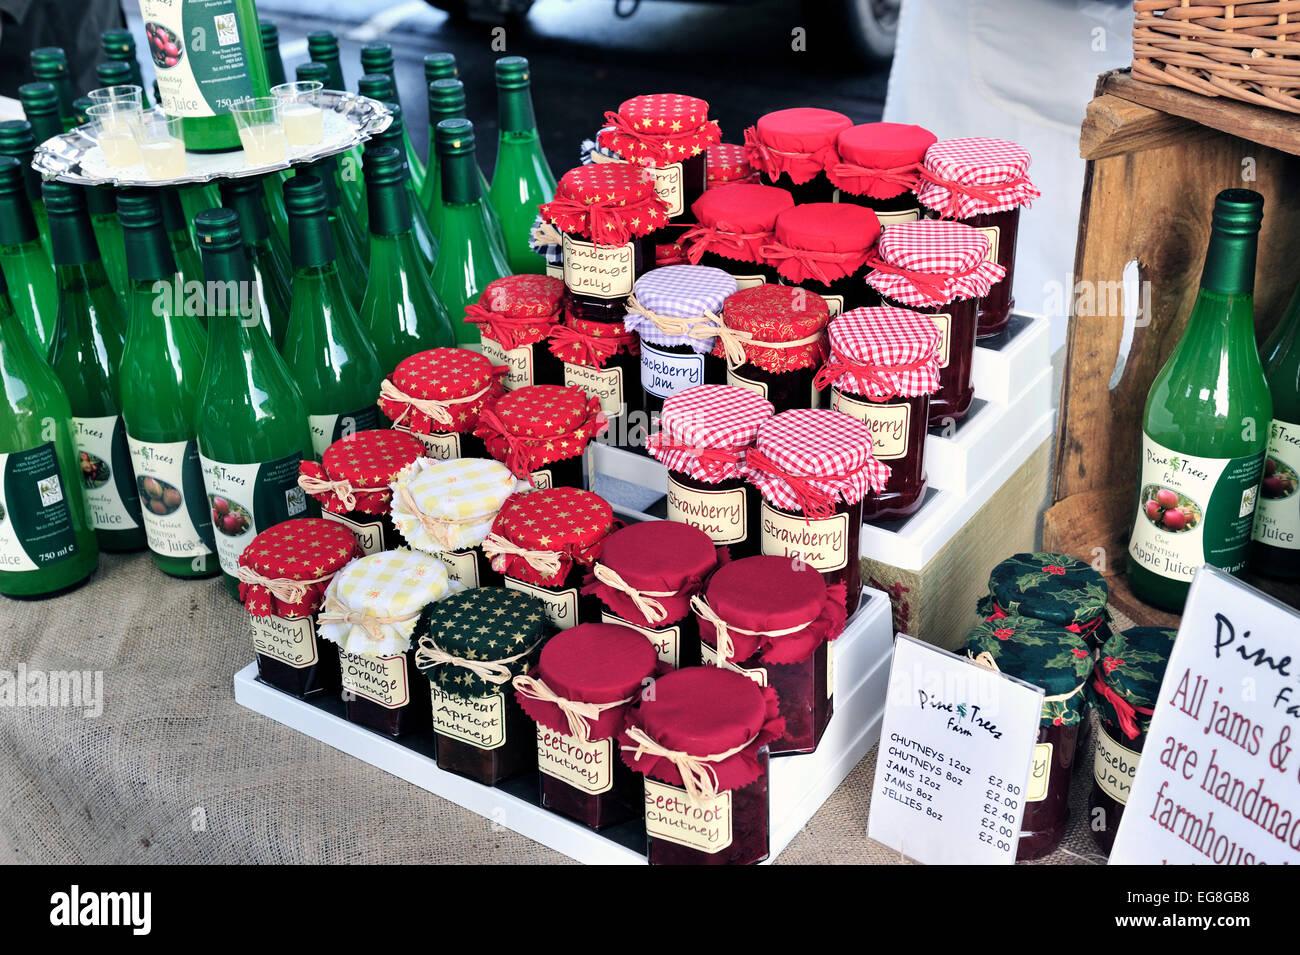 Roadside Fruit Stands Stock Photos Amp Roadside Fruit Stands